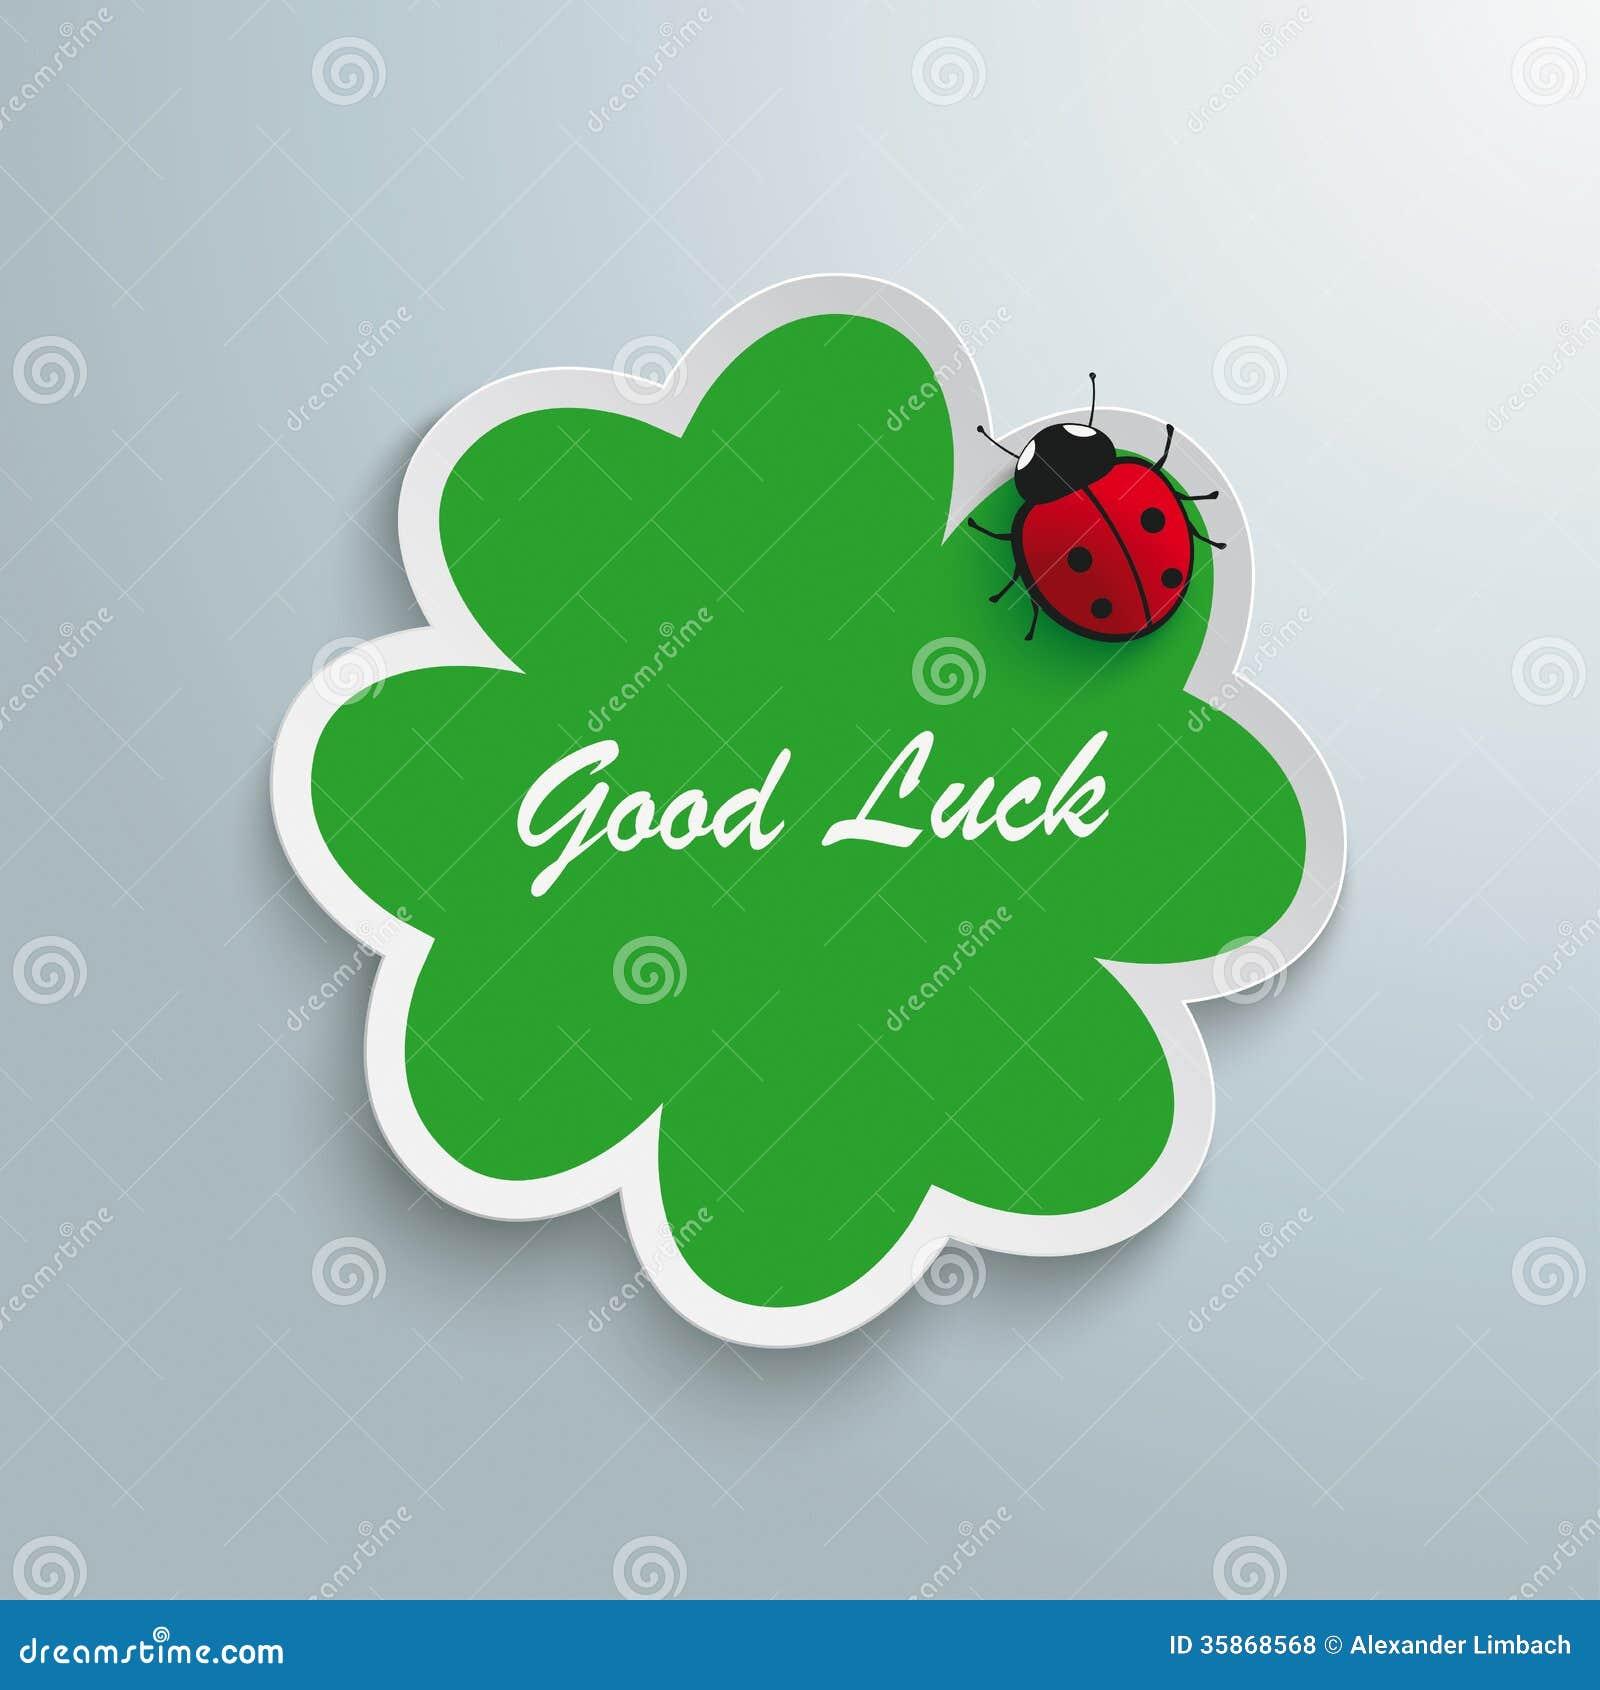 Green Shamrock Good Luck Ladybug Royalty Free Stock Photos - Image ...